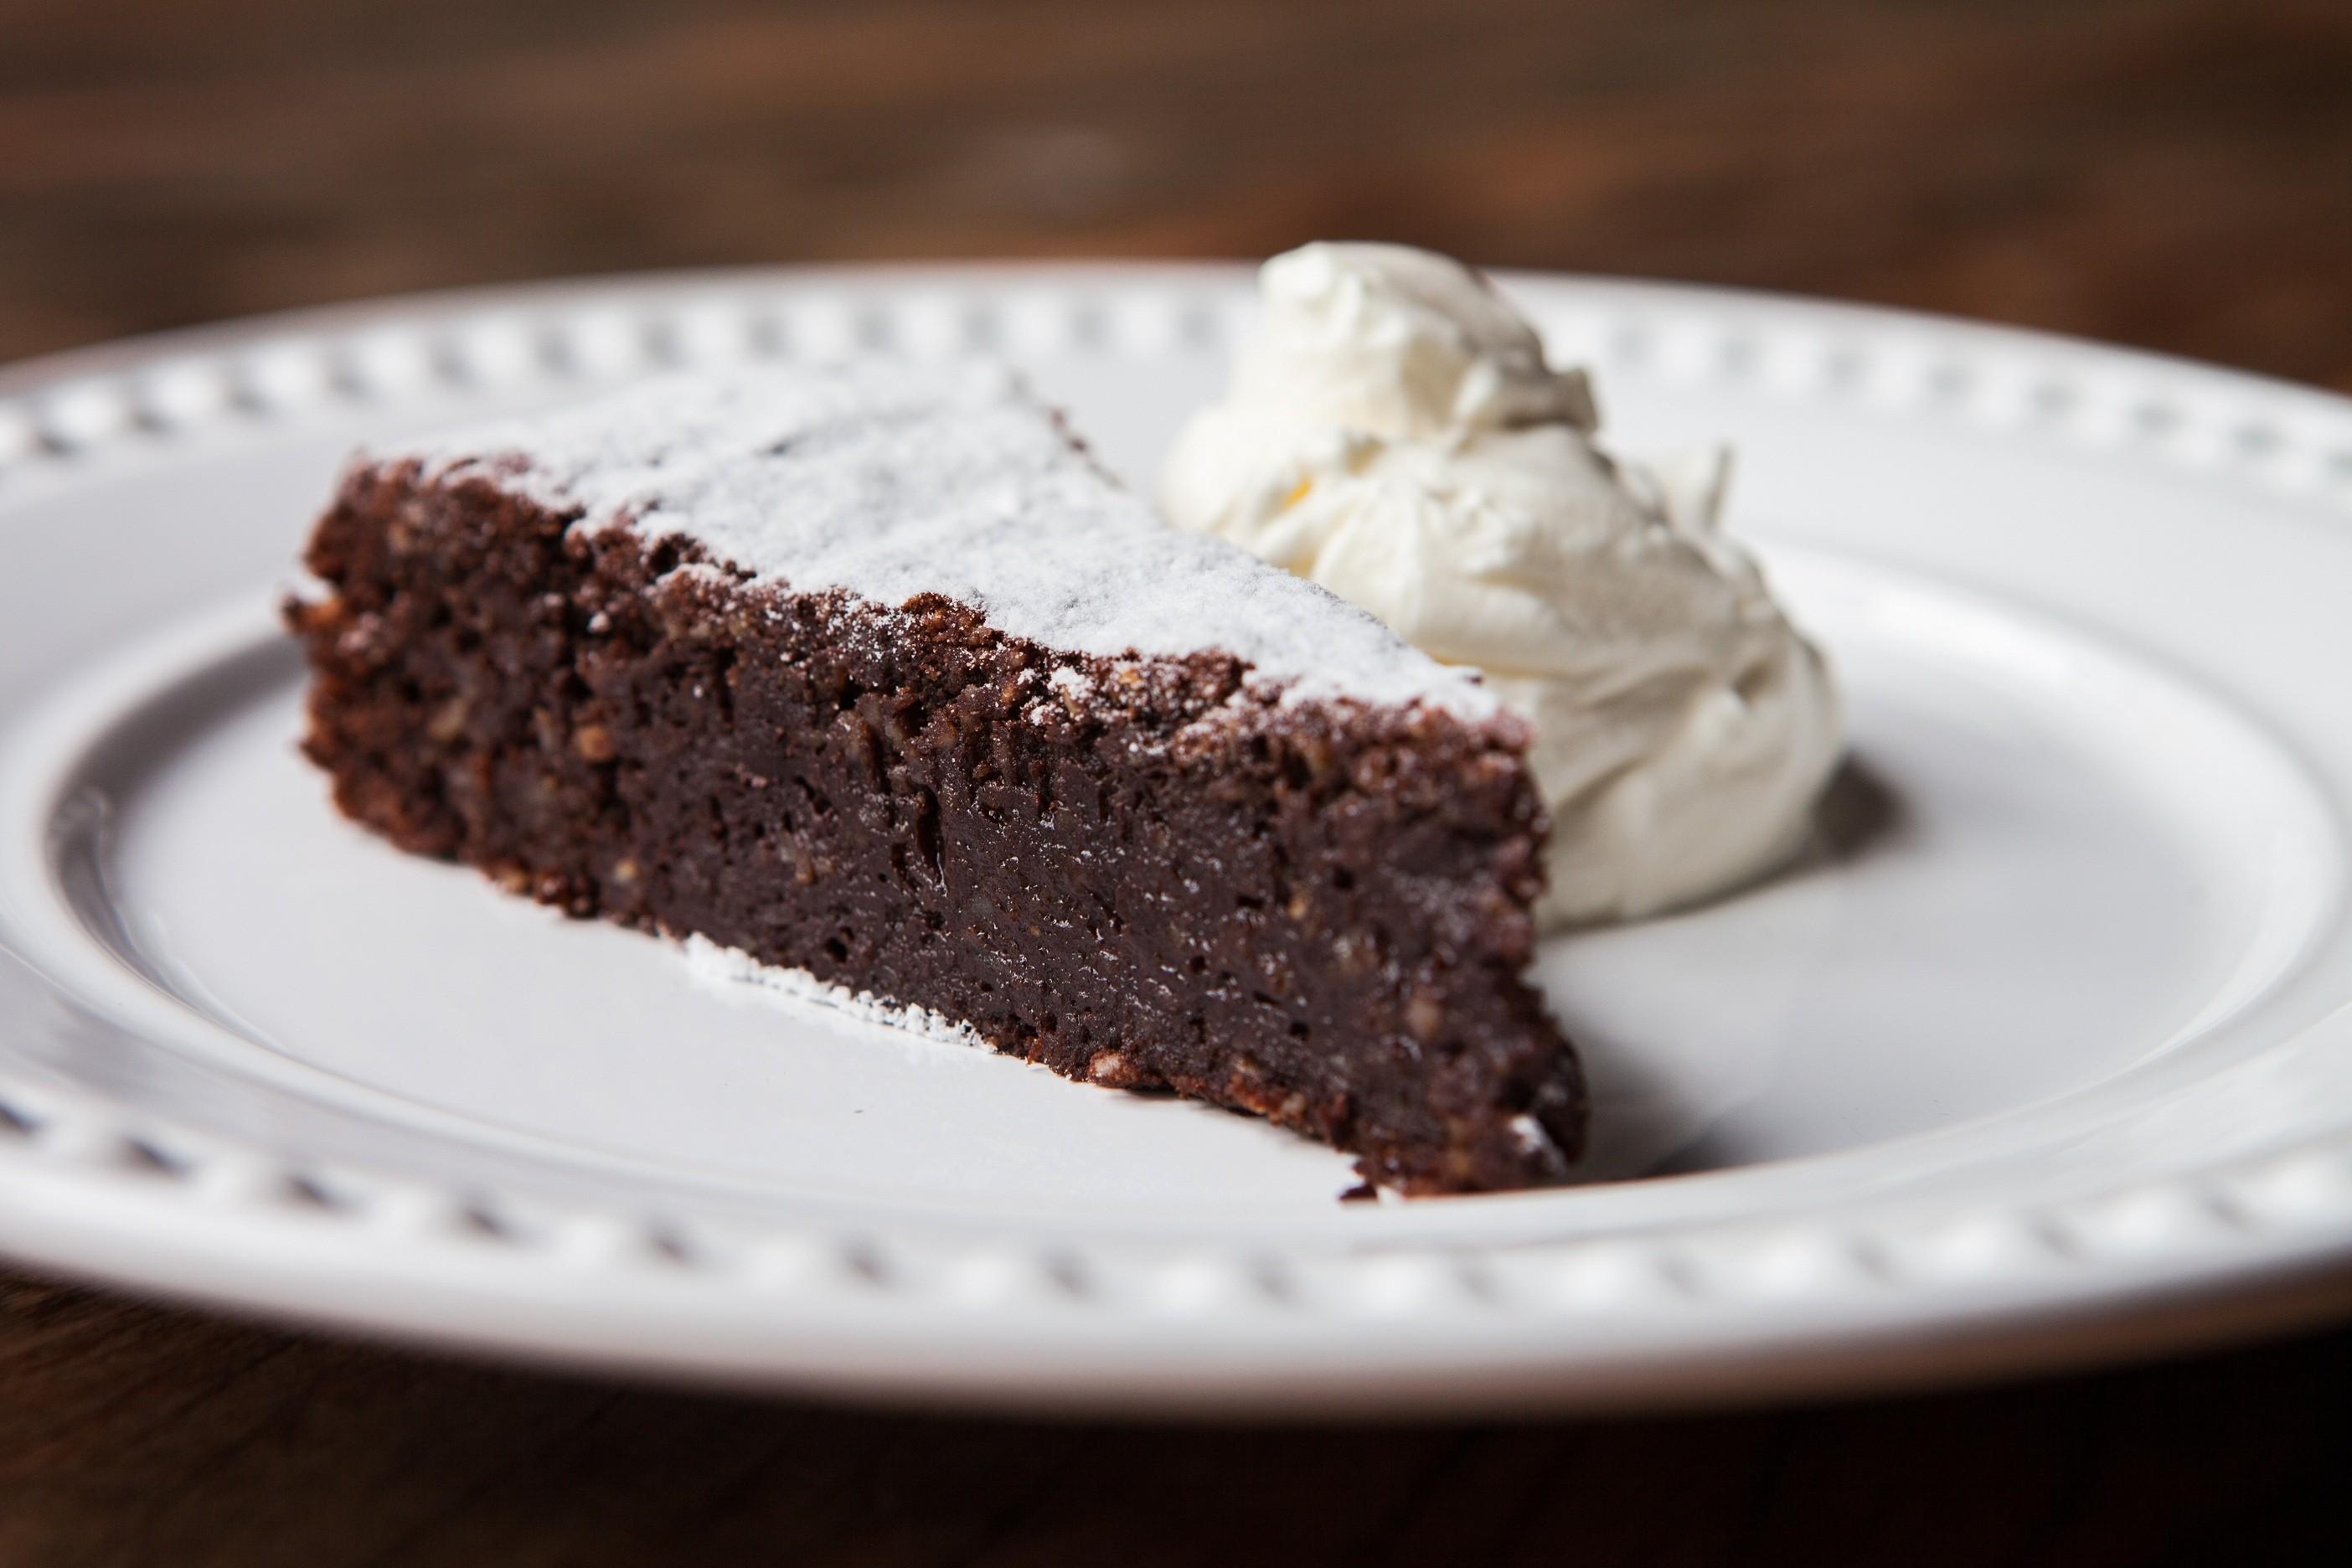 A torta de chocolate com amêndoas da Bráz Trattoria (Foto: Lufe Gomes)